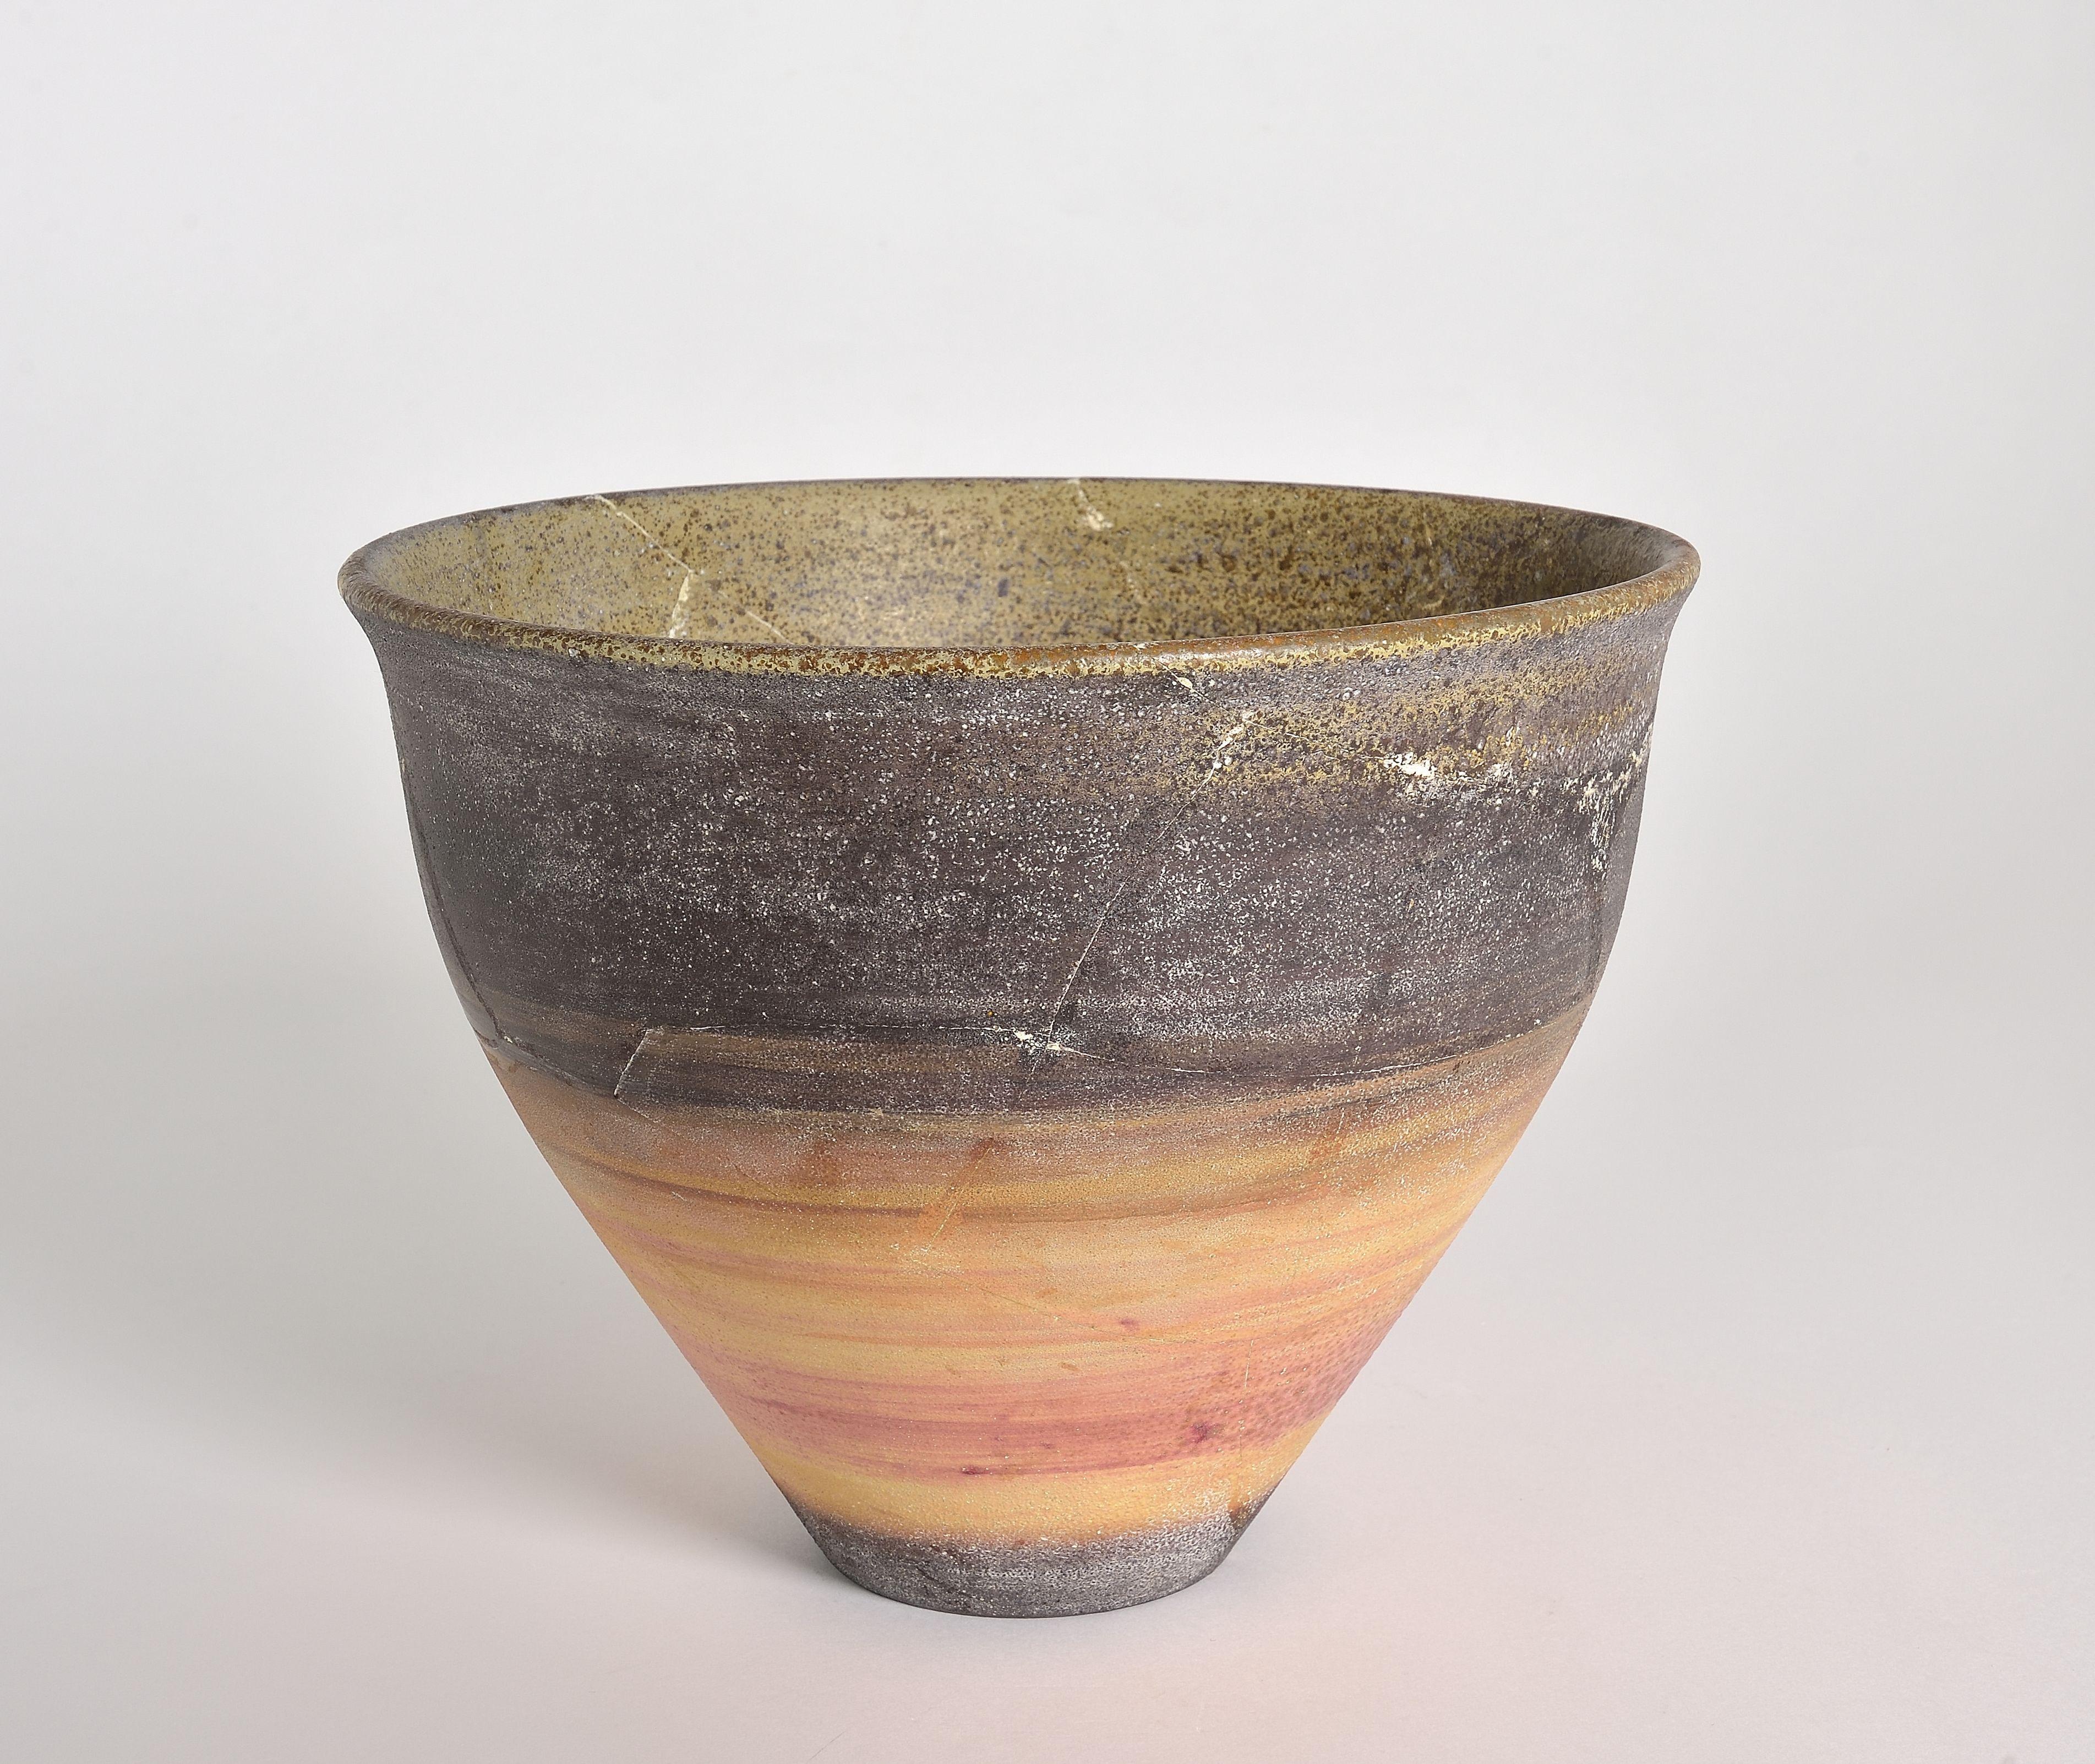 La ceramica e che hanno deciso di vivere e lavorare qui. La Collezione Di Ceramiche Di Lara Vinca Masini Donata Al Mic Di Faenza